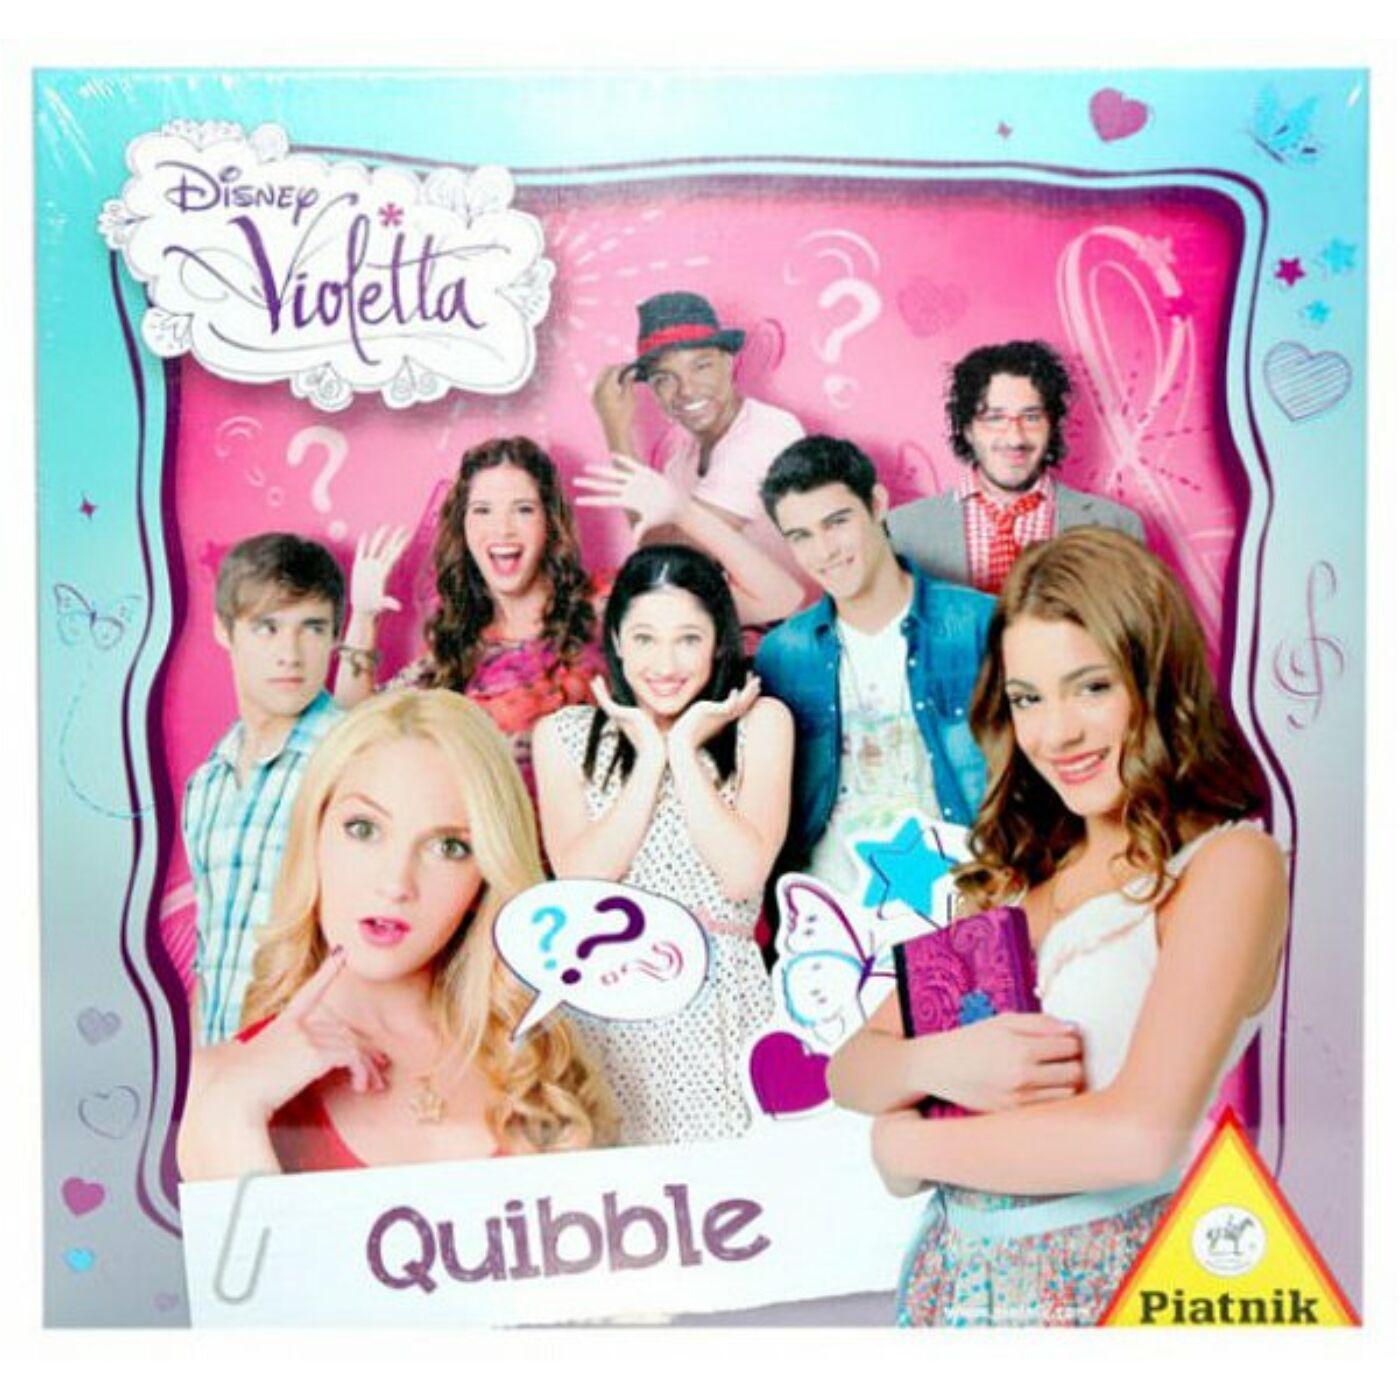 Violetta Quibble